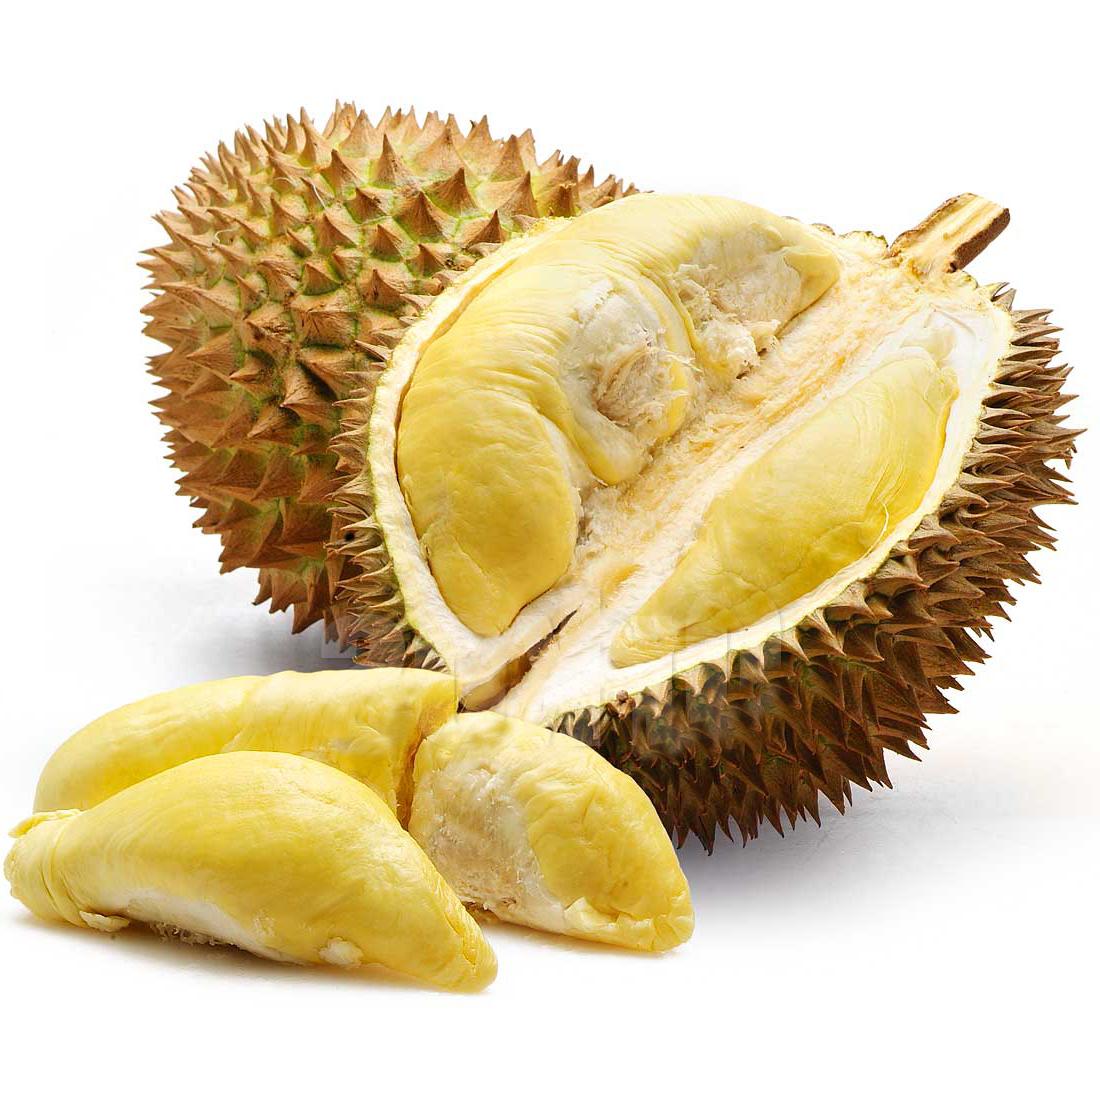 Petua Menghilangkan Bau Durian